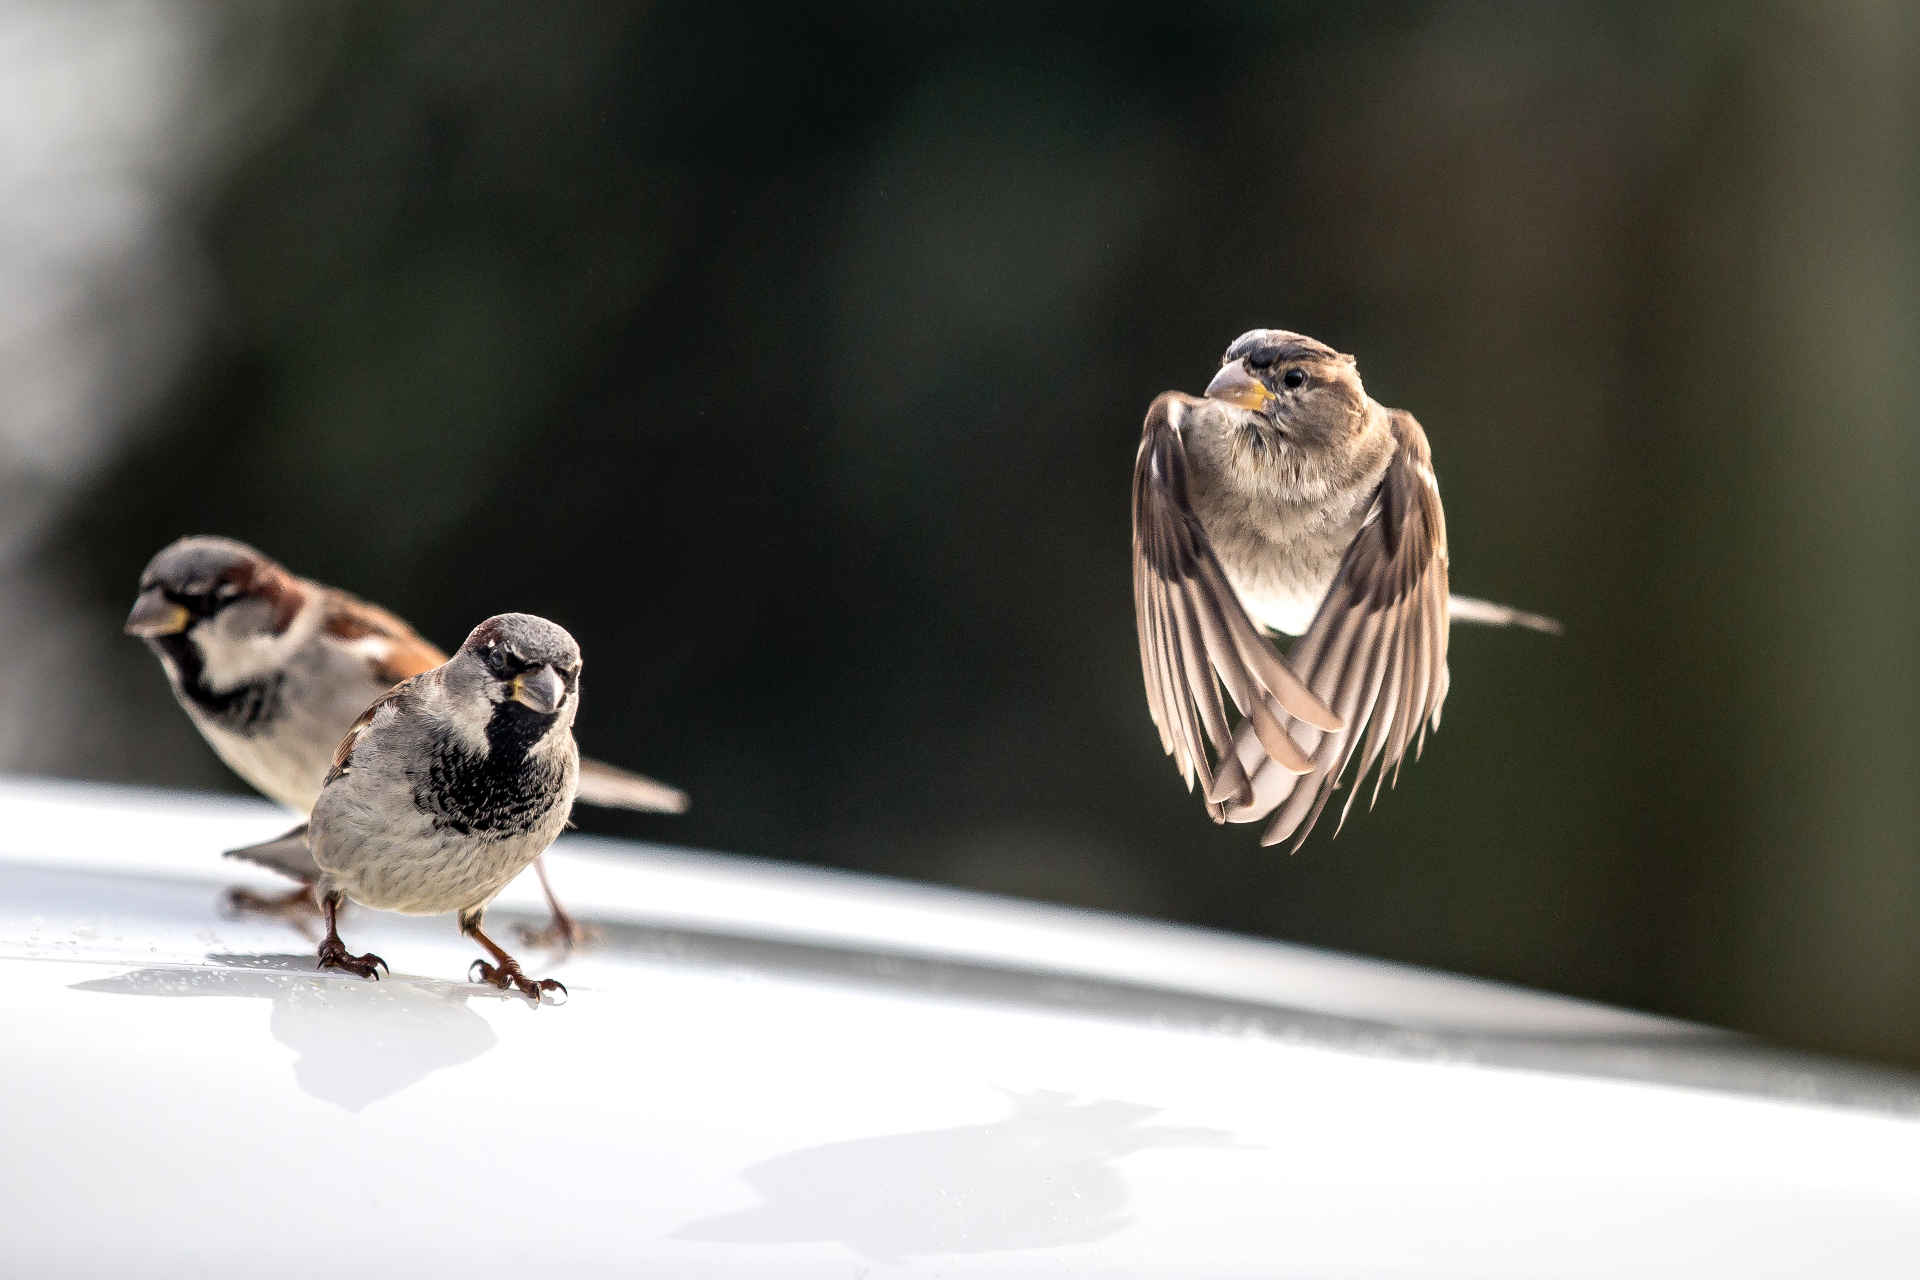 Vögel füttern oder nicht - das fragen sich viele im Herbst und Winter